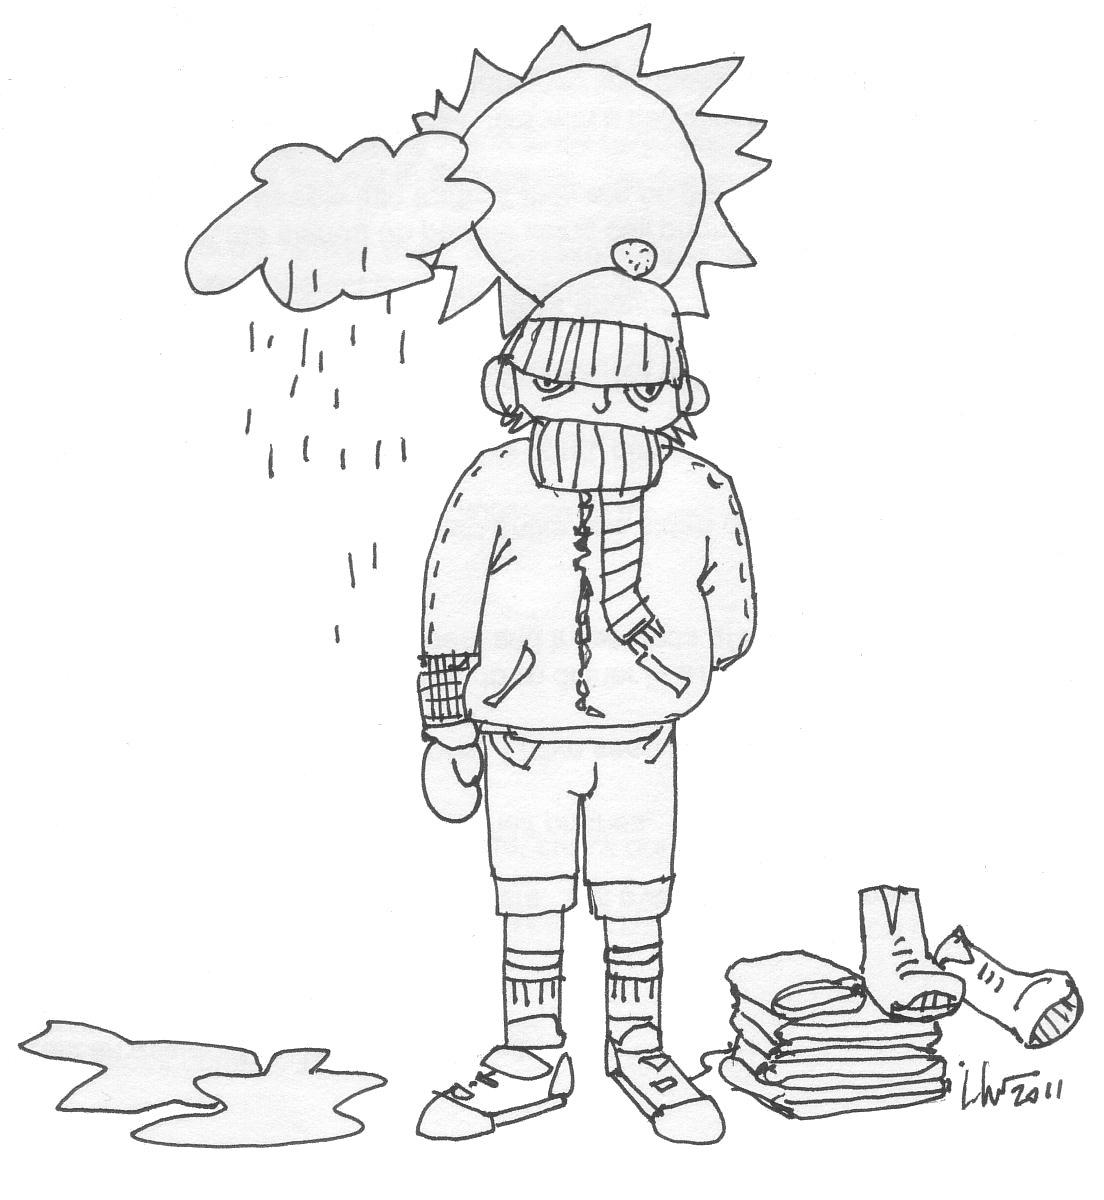 Alpinista con mucha ropa